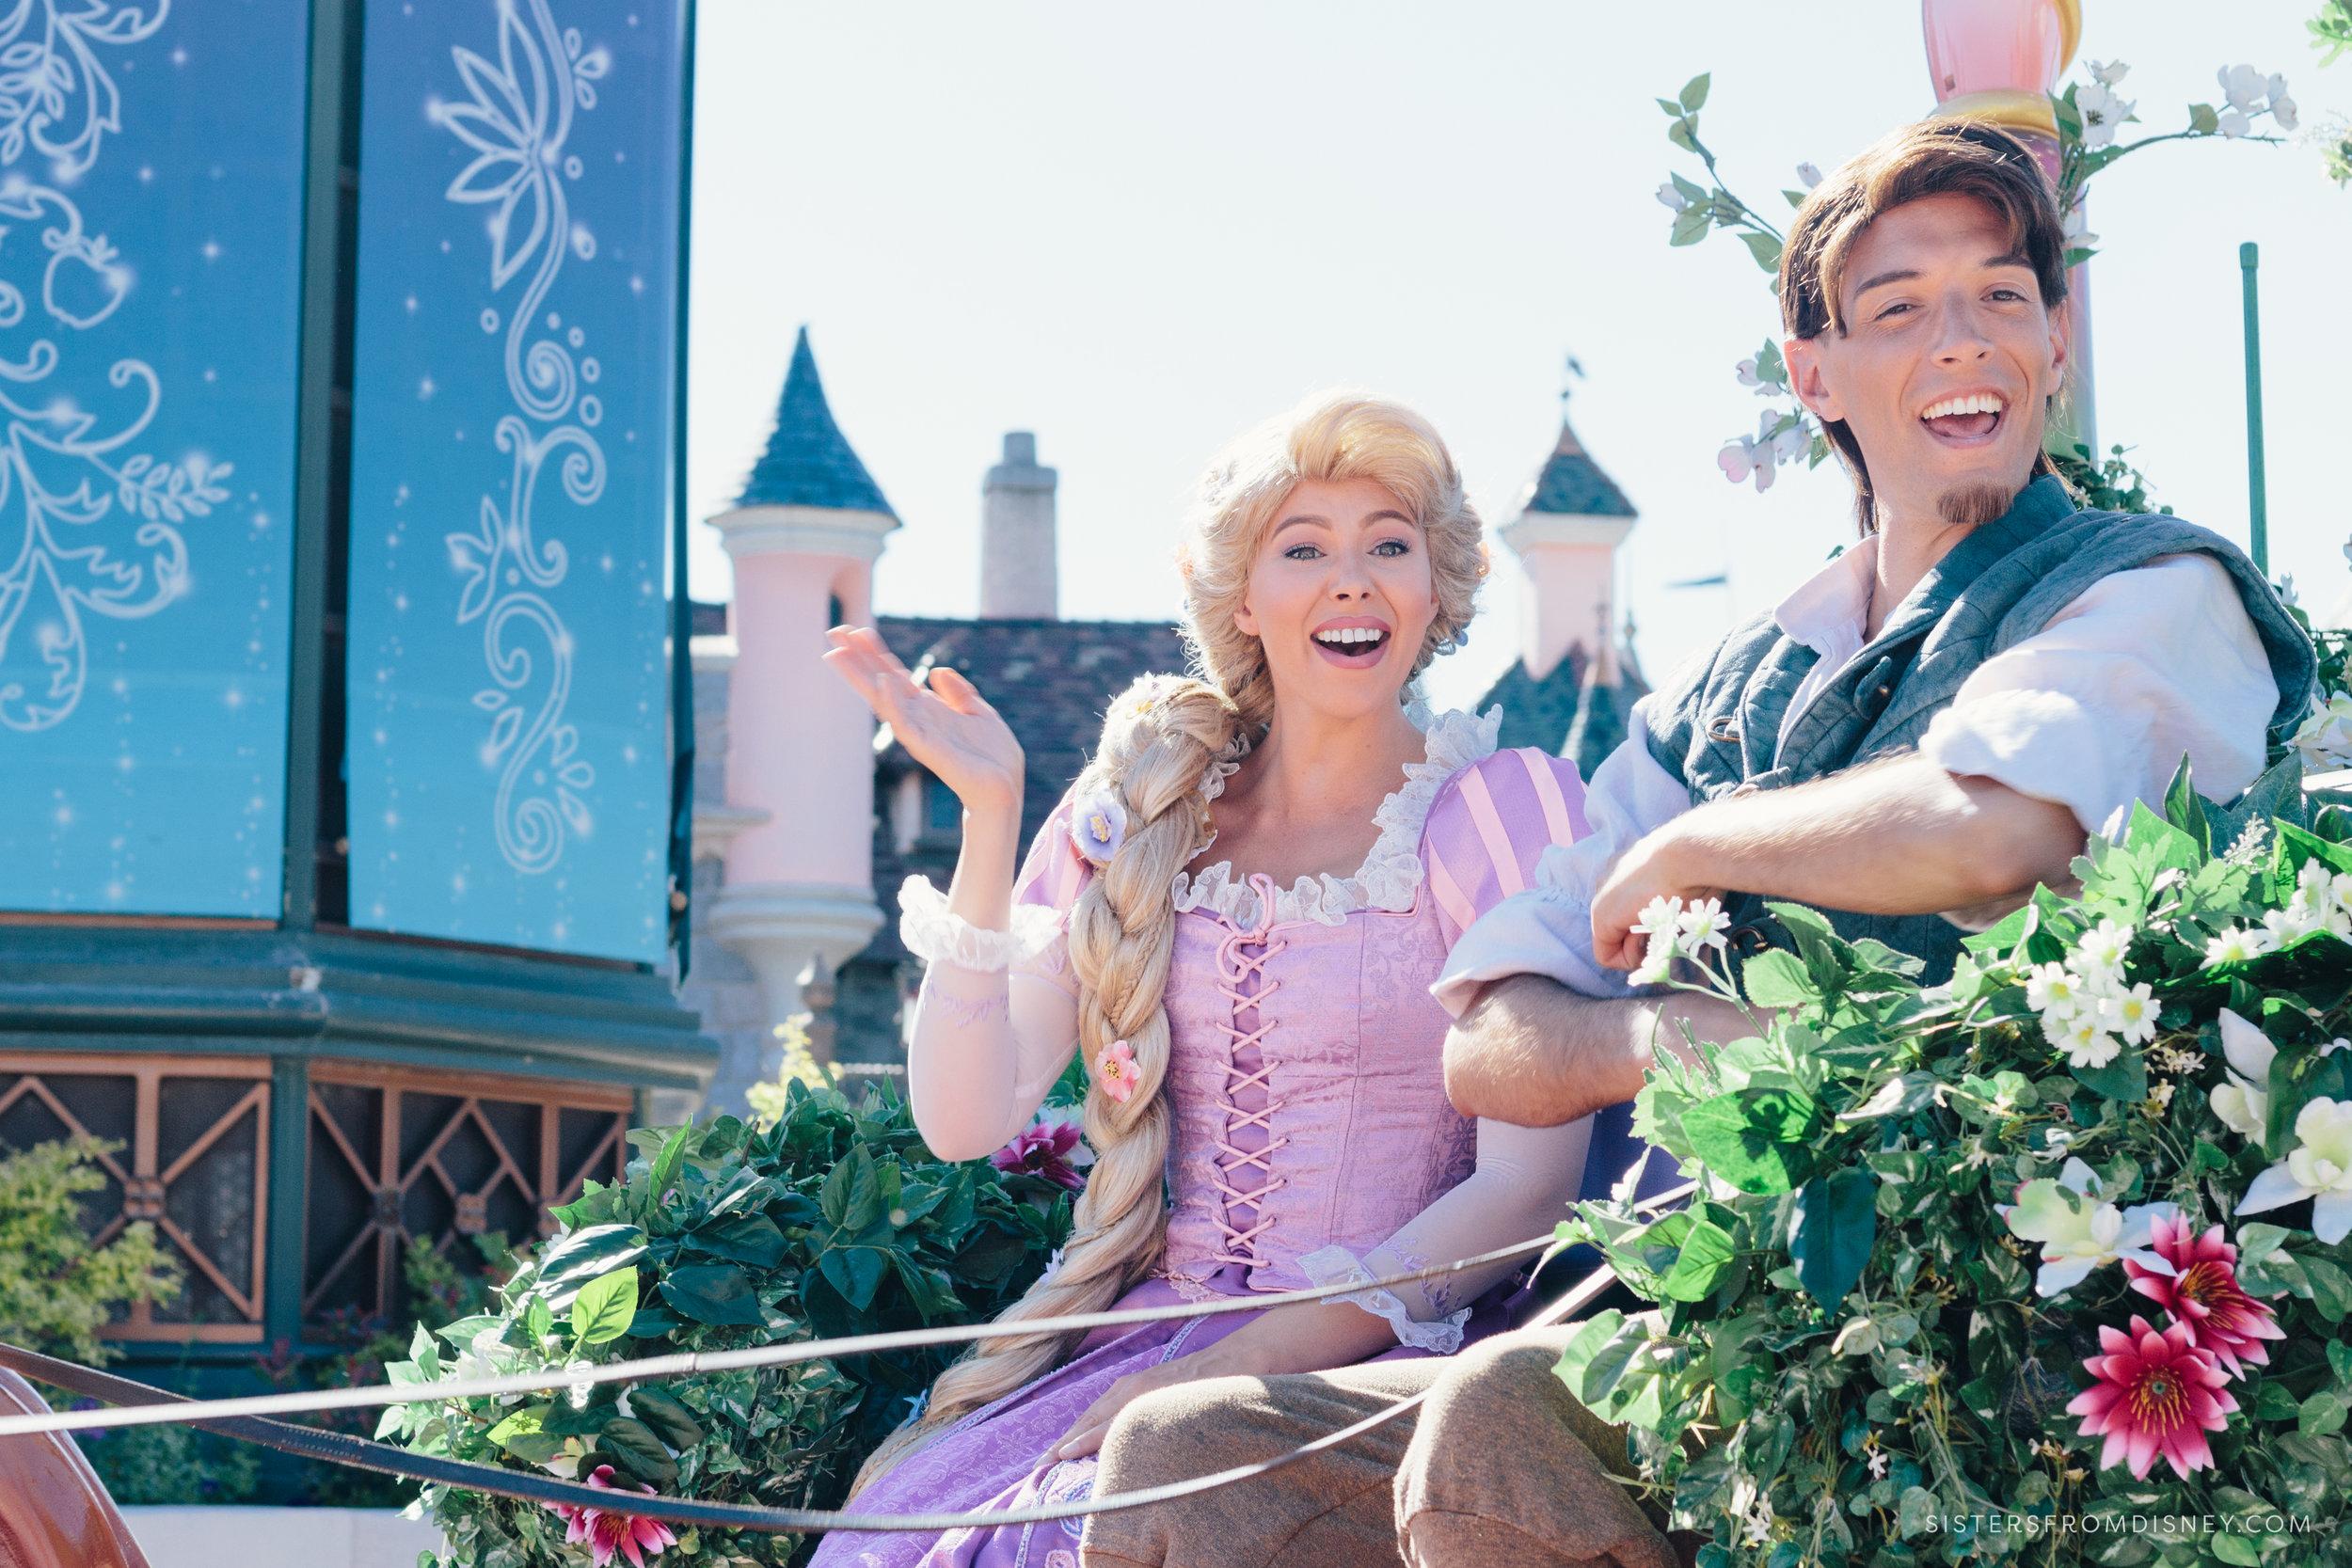 2018June_SFDblog_DisneylandParis_Watermark-3567.jpg